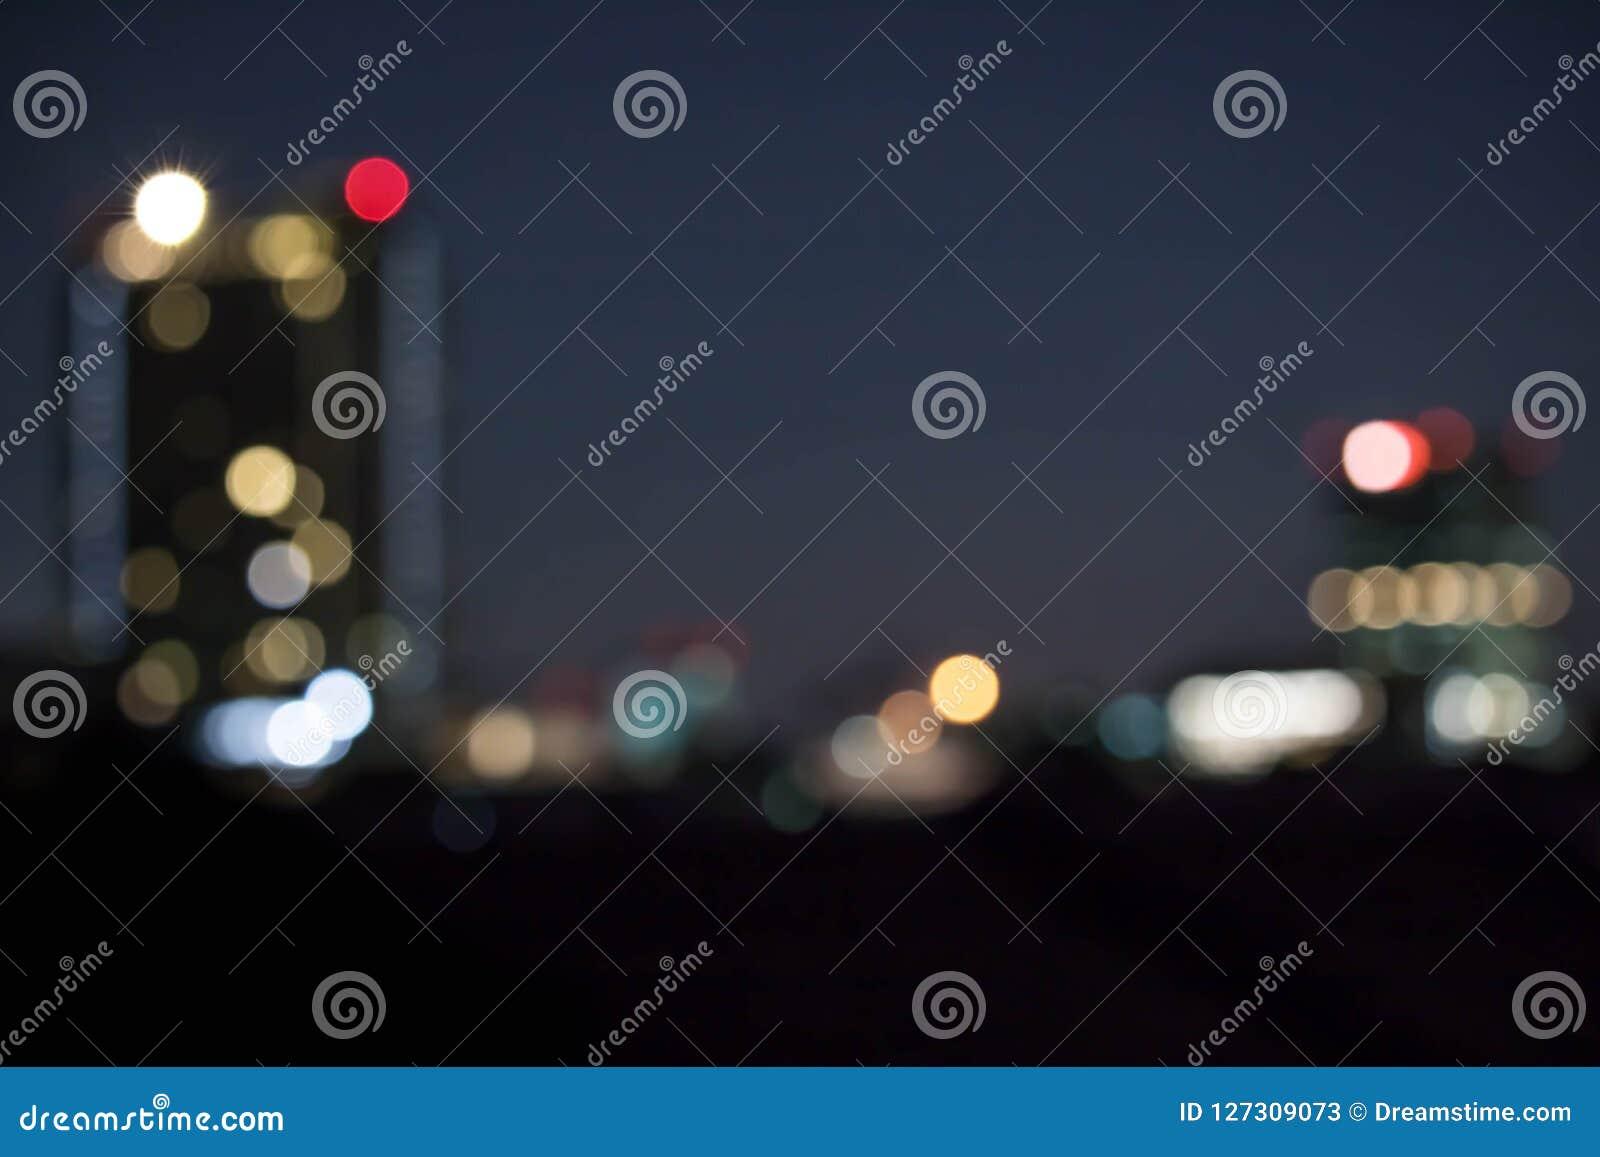 ฺblur licht bokeh in de nacht